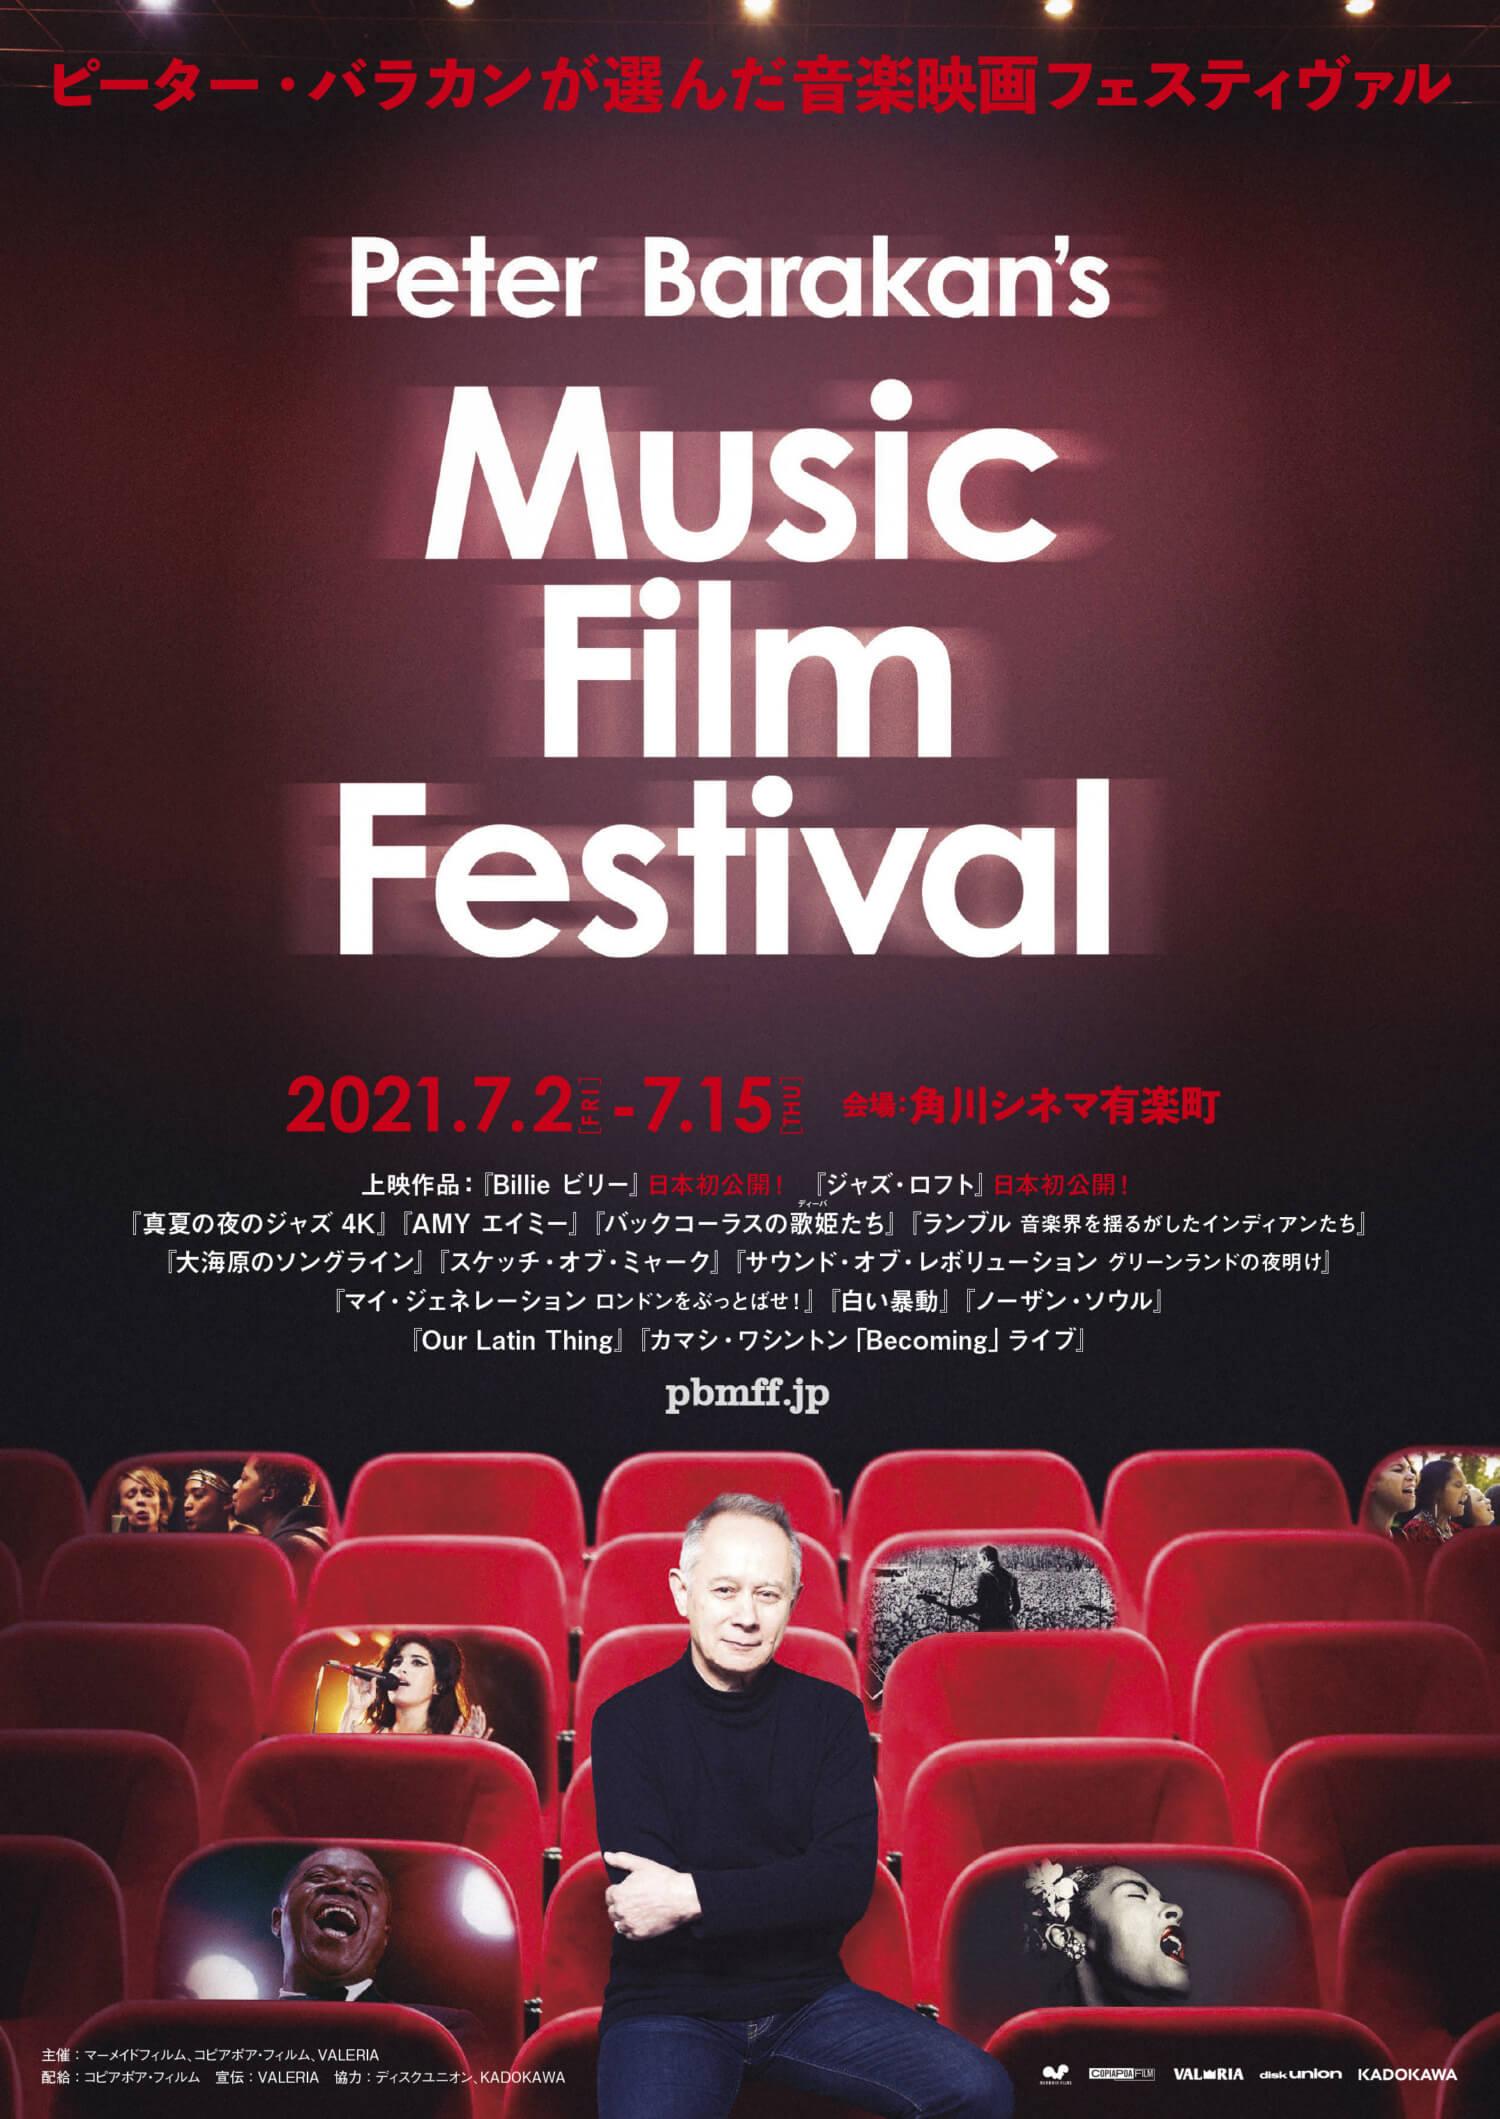 Peter Barakan's Music Film Festivalイメージ画像